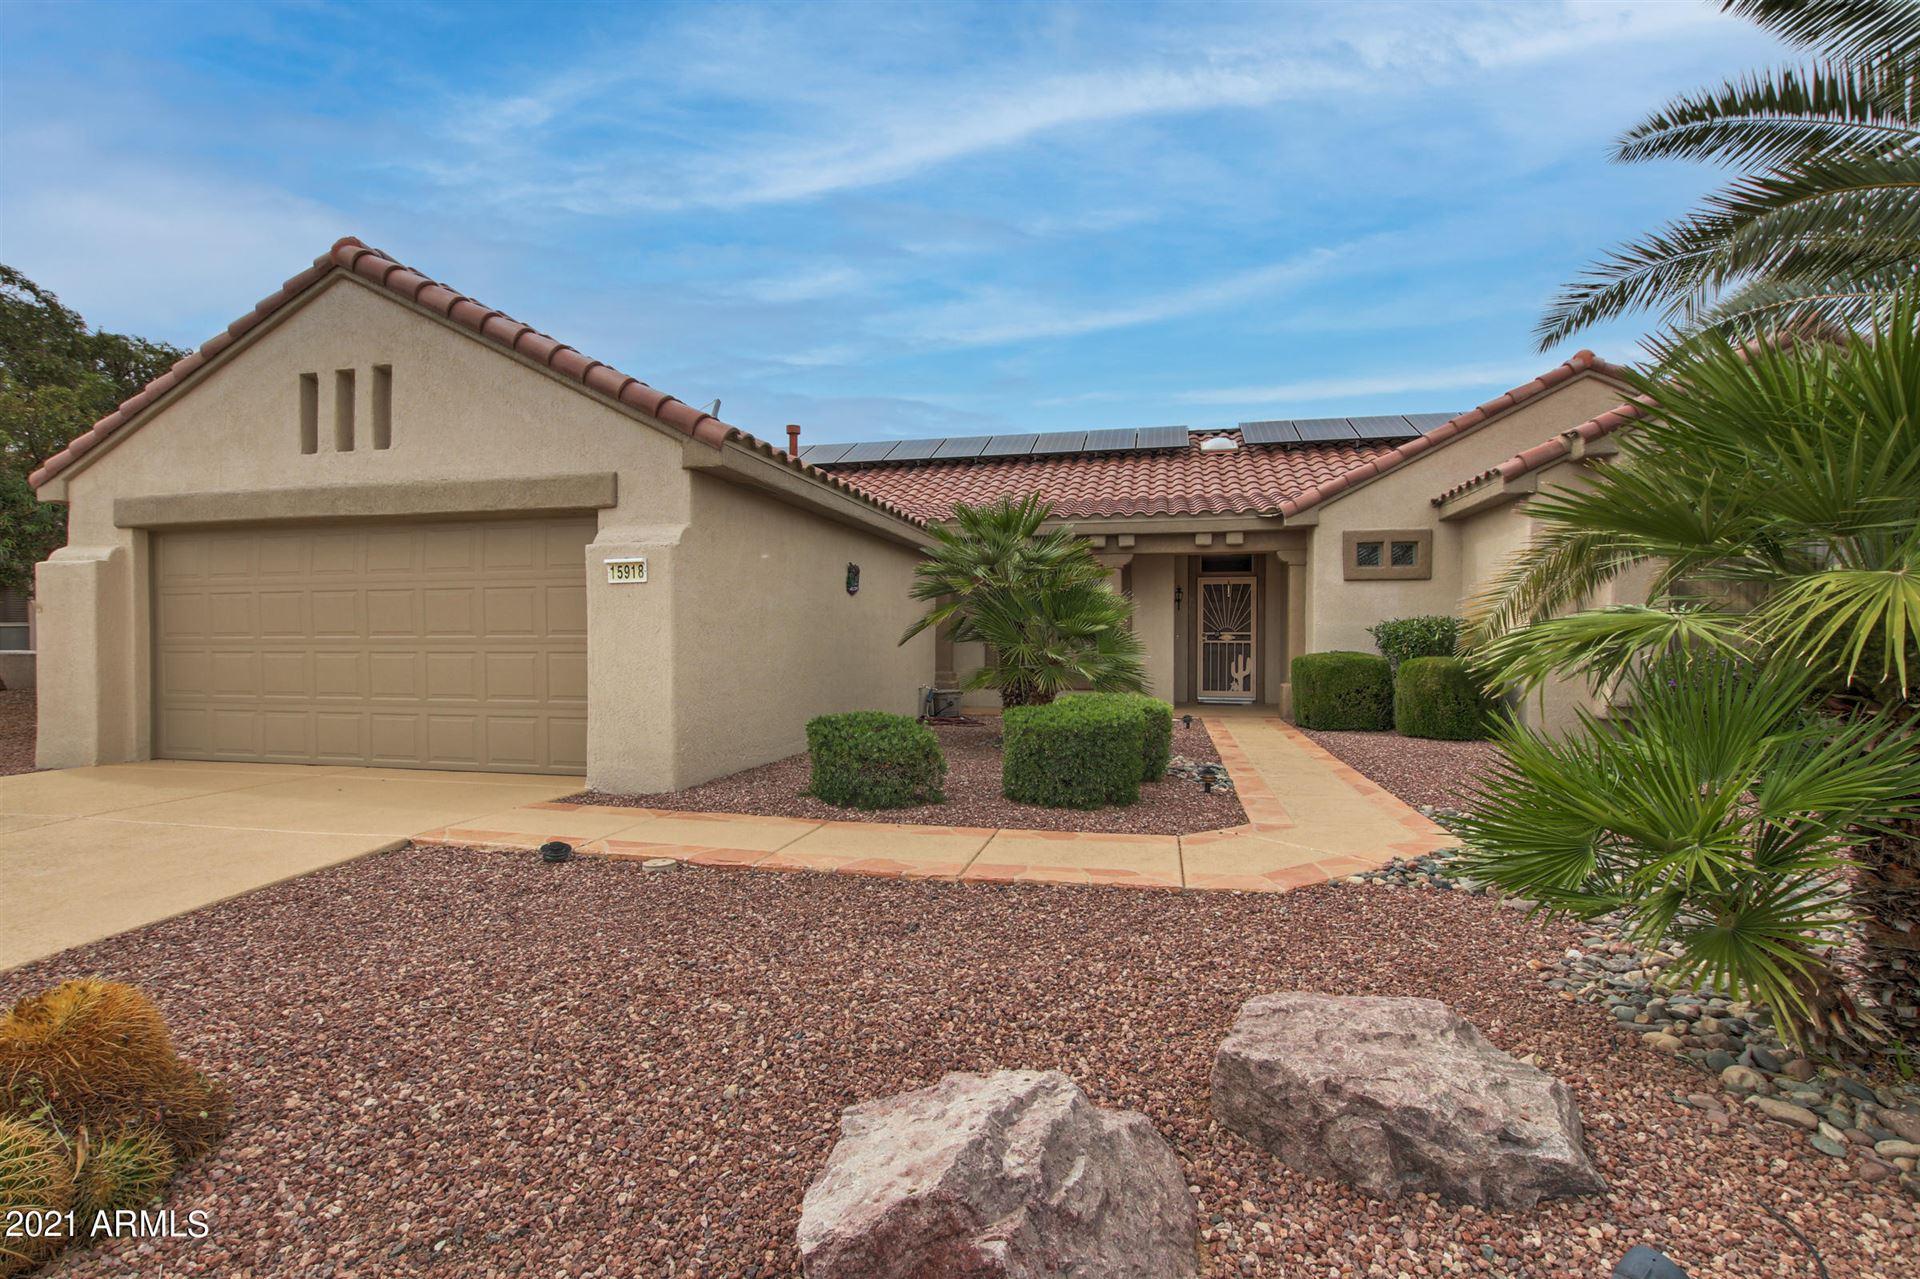 15918 W KINO Drive, Surprise, AZ 85374 - MLS#: 6227624